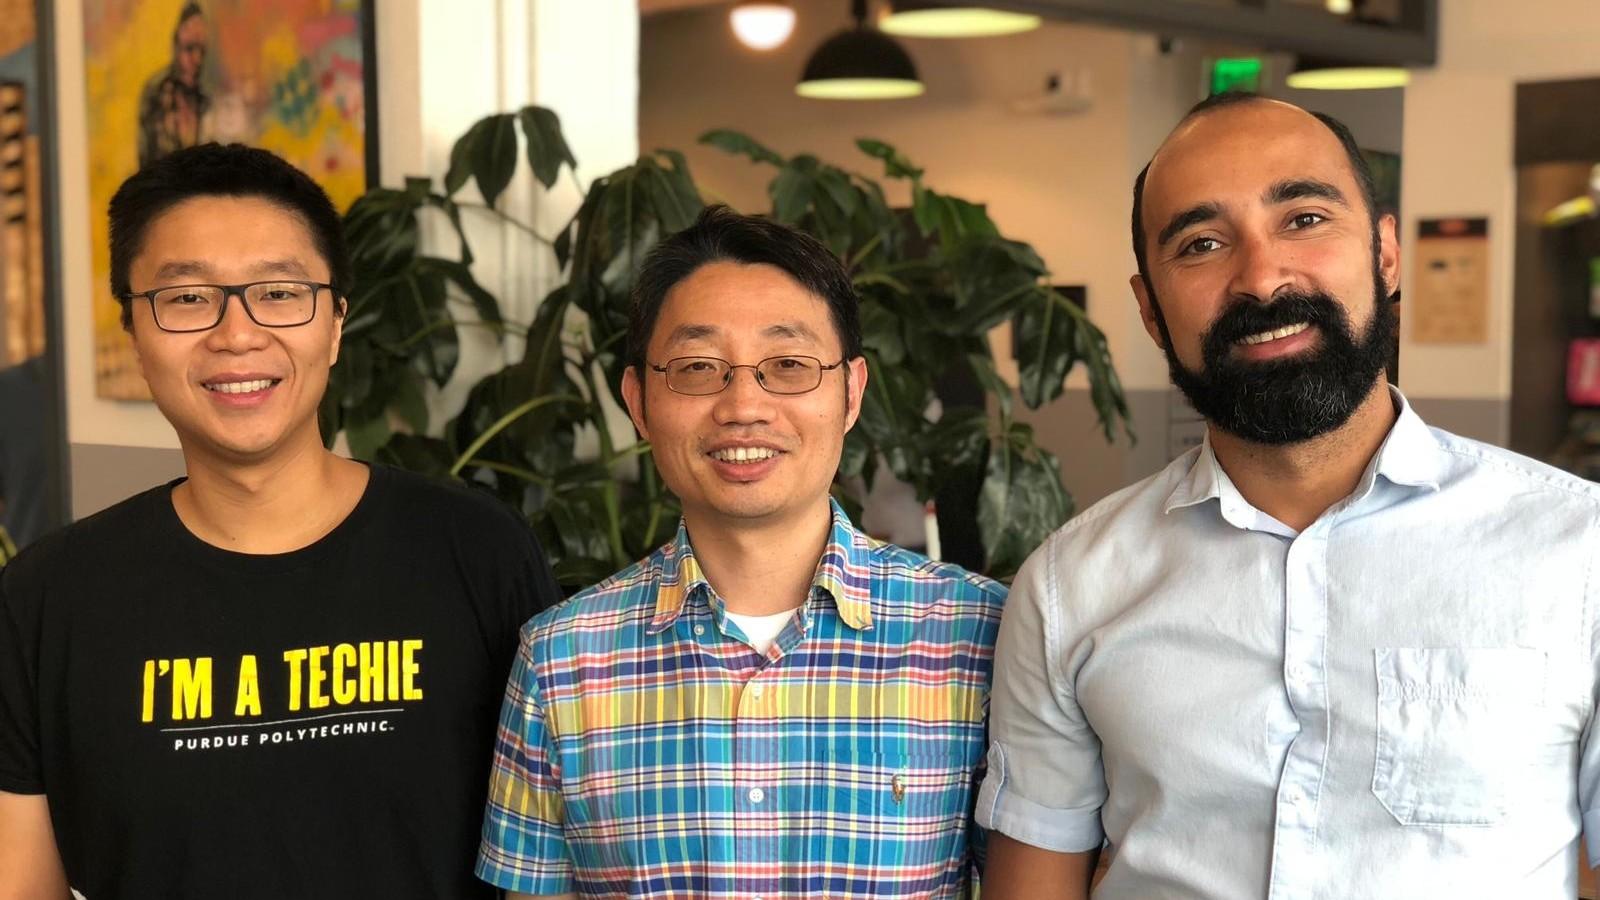 Detroit startup DeepHow raises $9M pre-Series A funding